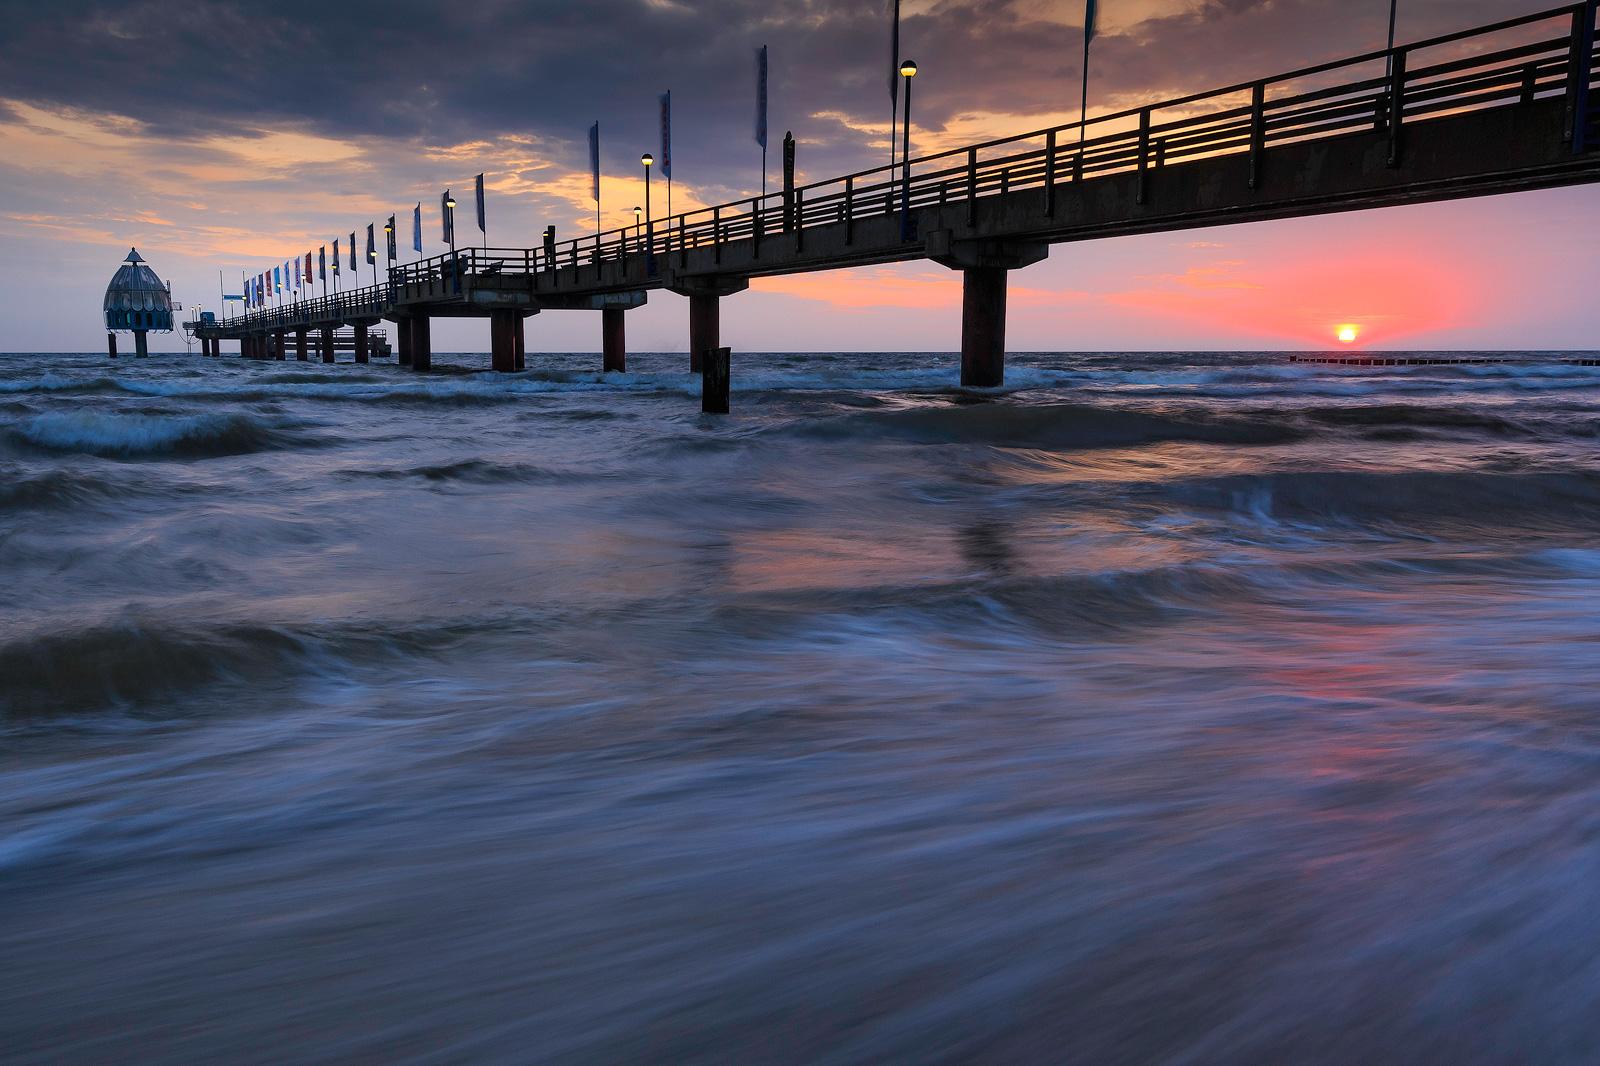 Sonnenaufgang an der Seebrücke in Zingst (Ostsee) beim Fotografie-Workshop von Bejnamin Jaworskyj.